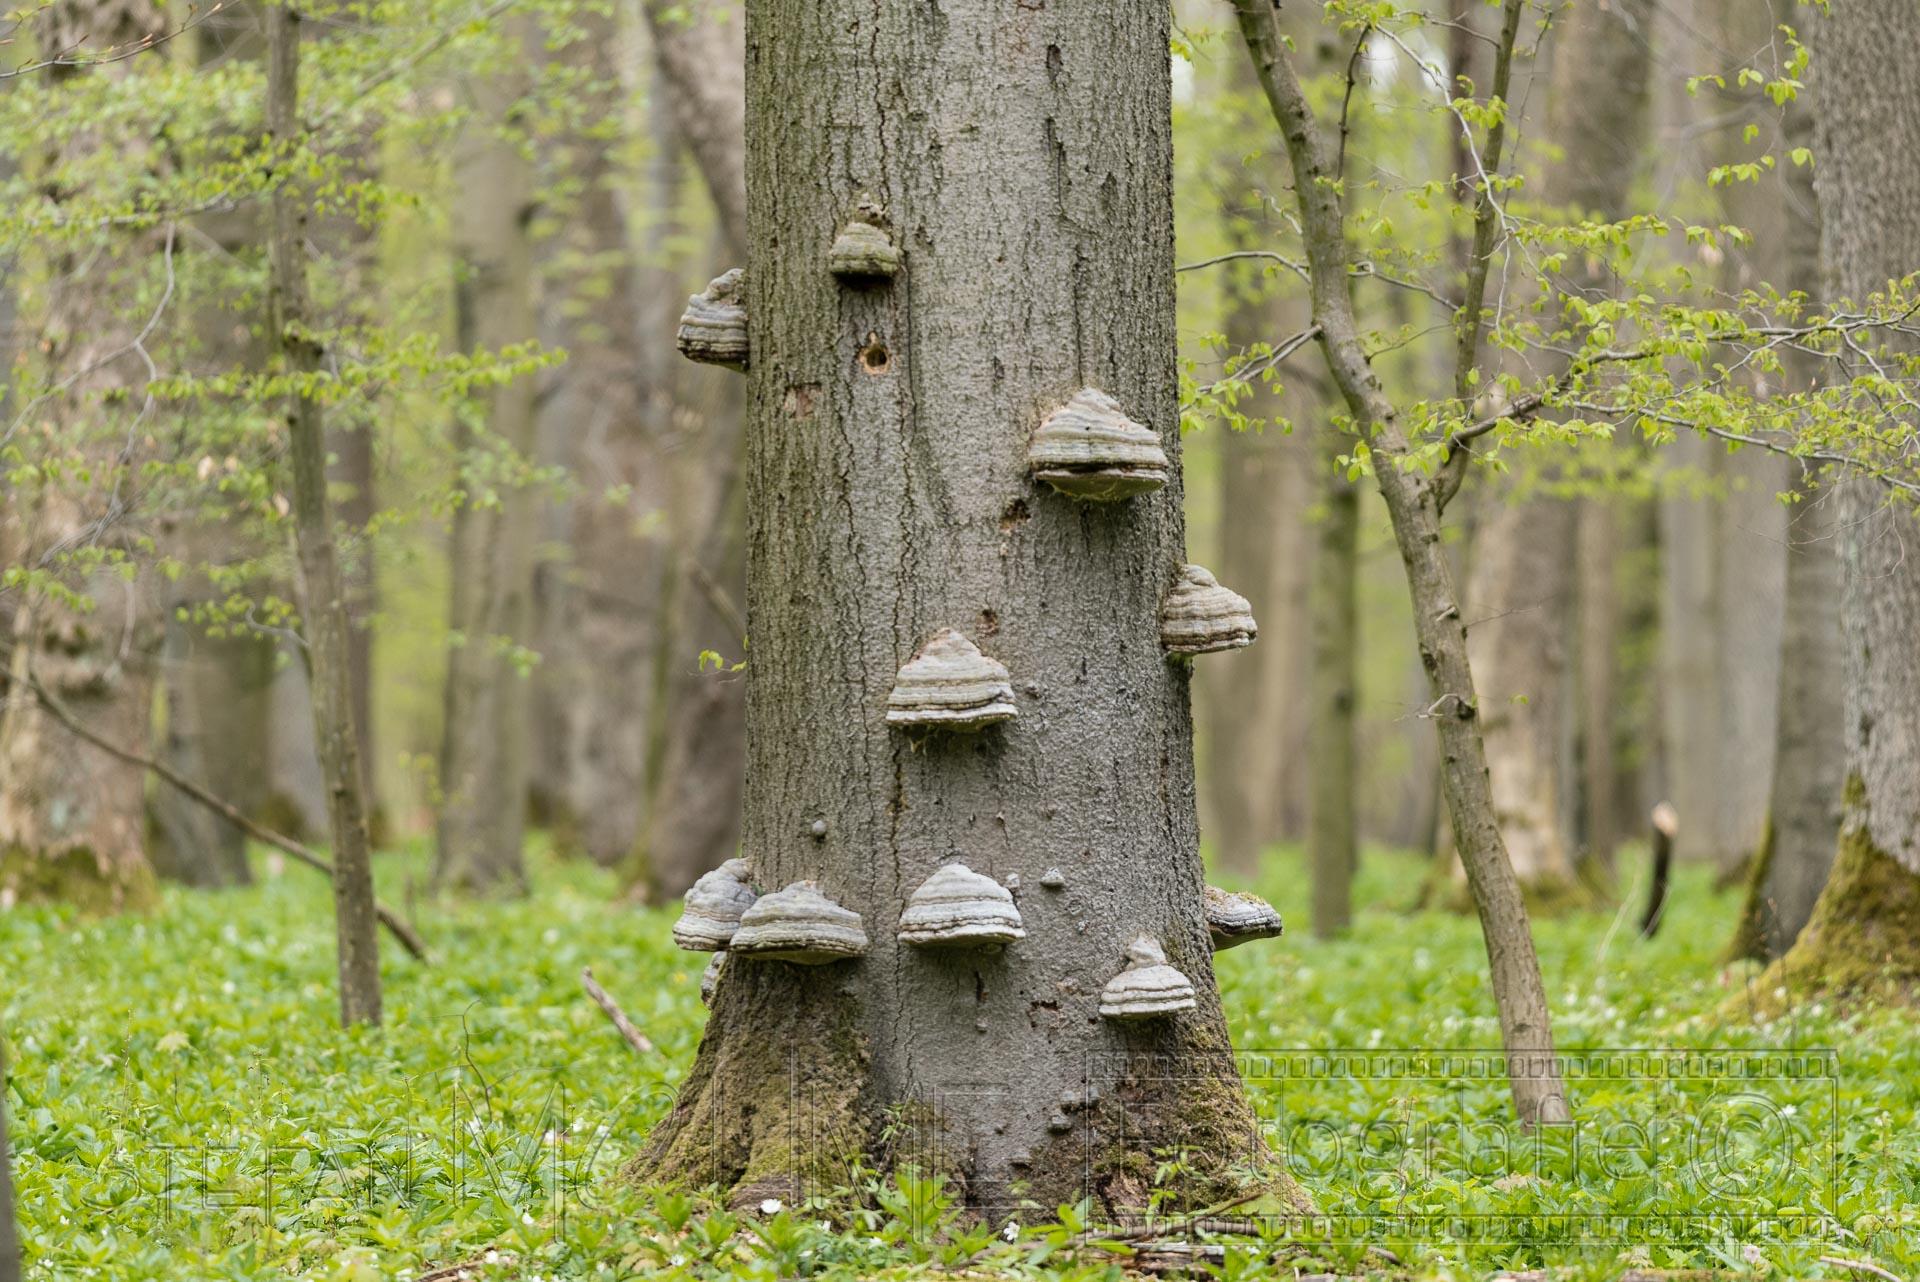 Baum,baumstamm,pilz,wald,baueme